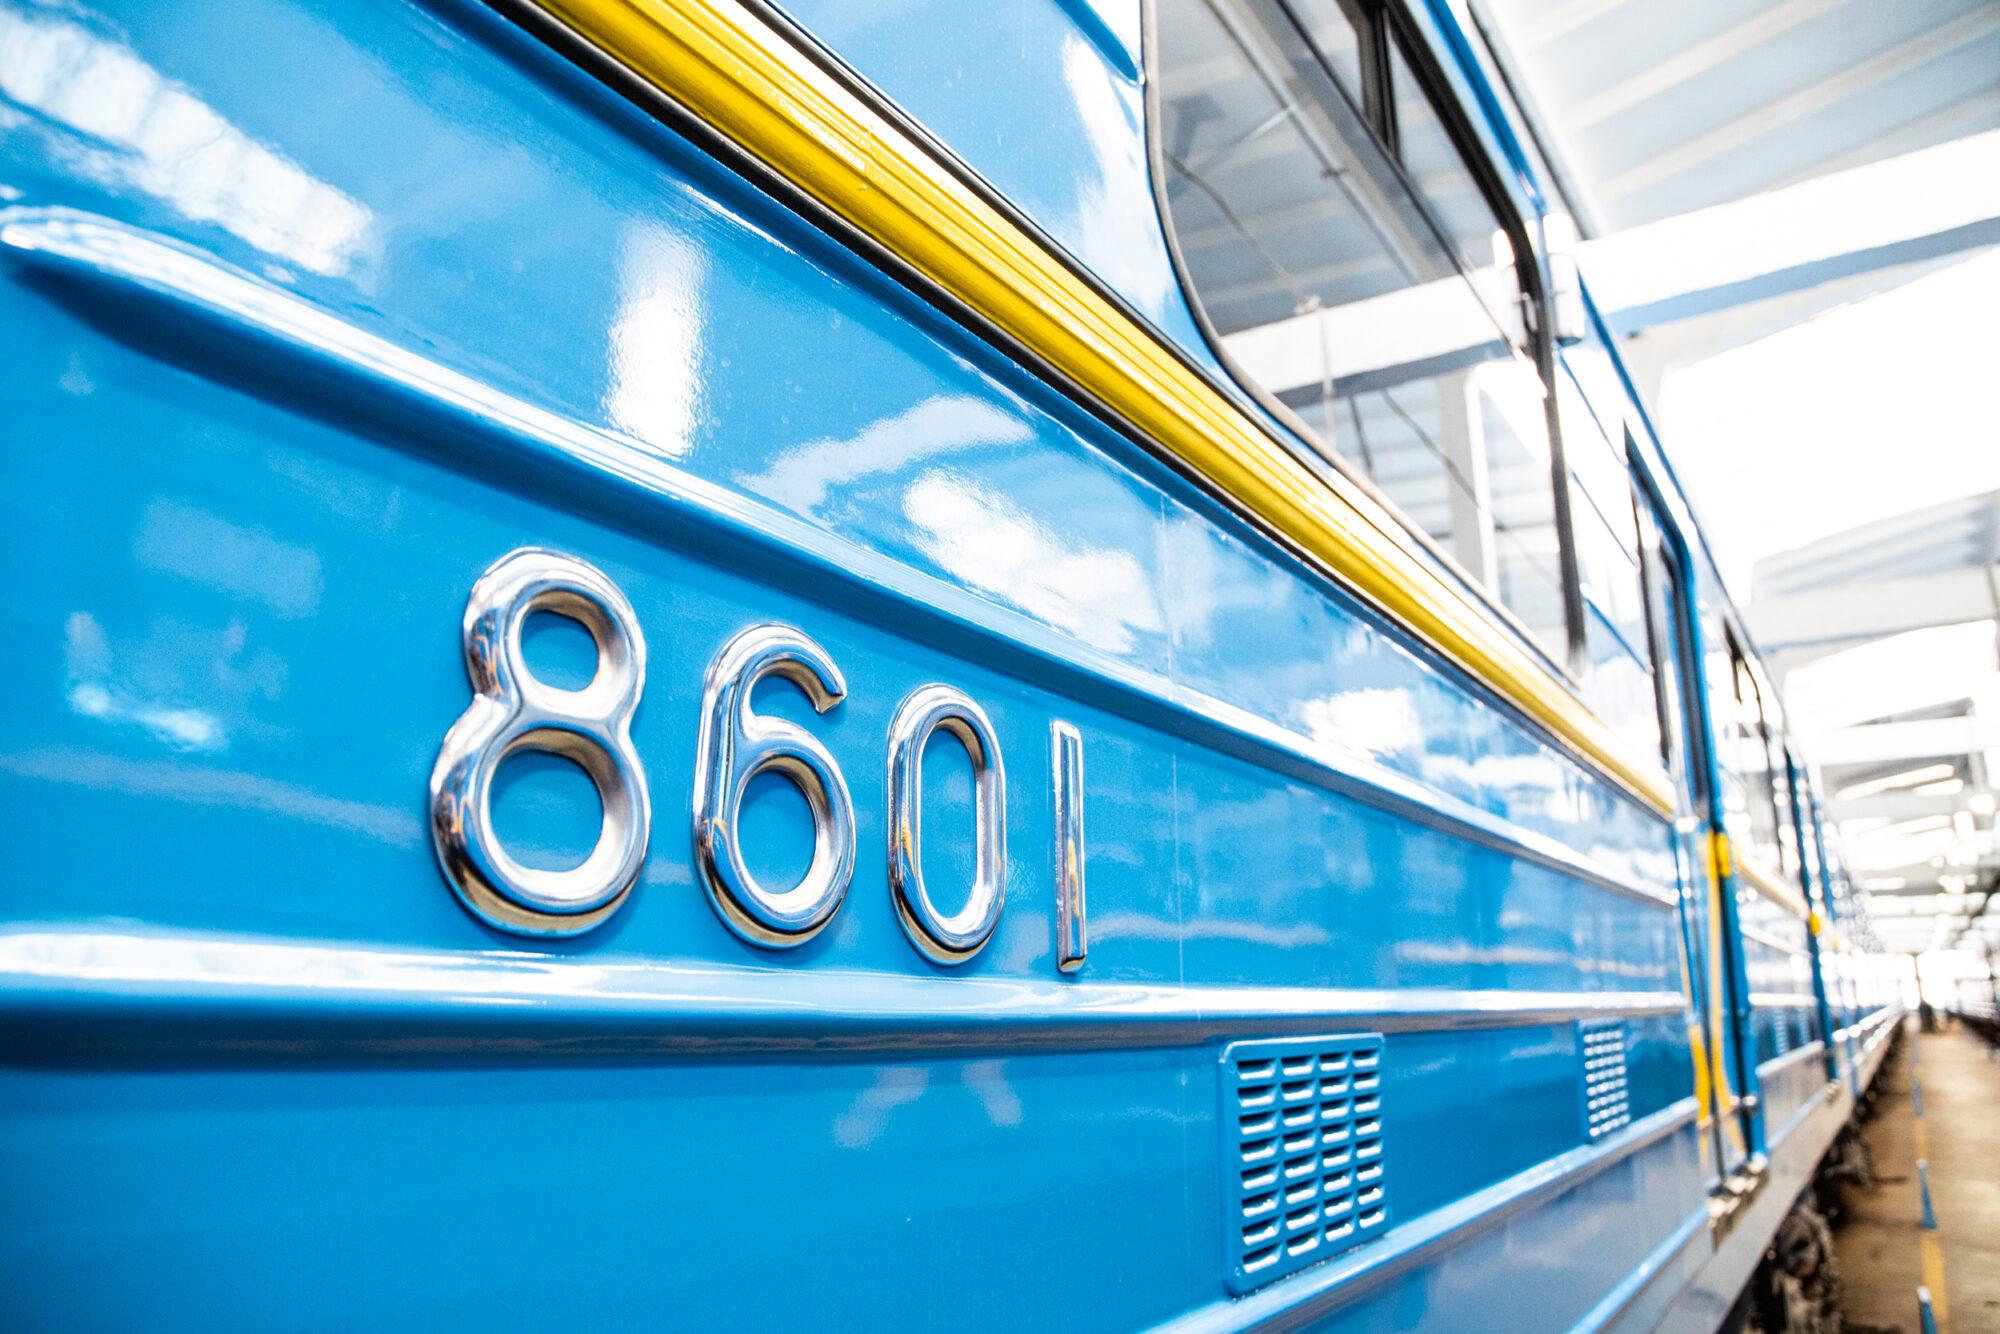 Київський метрополітен відремонтував 5 вагонів за 35 млн грн - Ремонт, метрополітен, вагони - imgbig 3 1 2000x1334